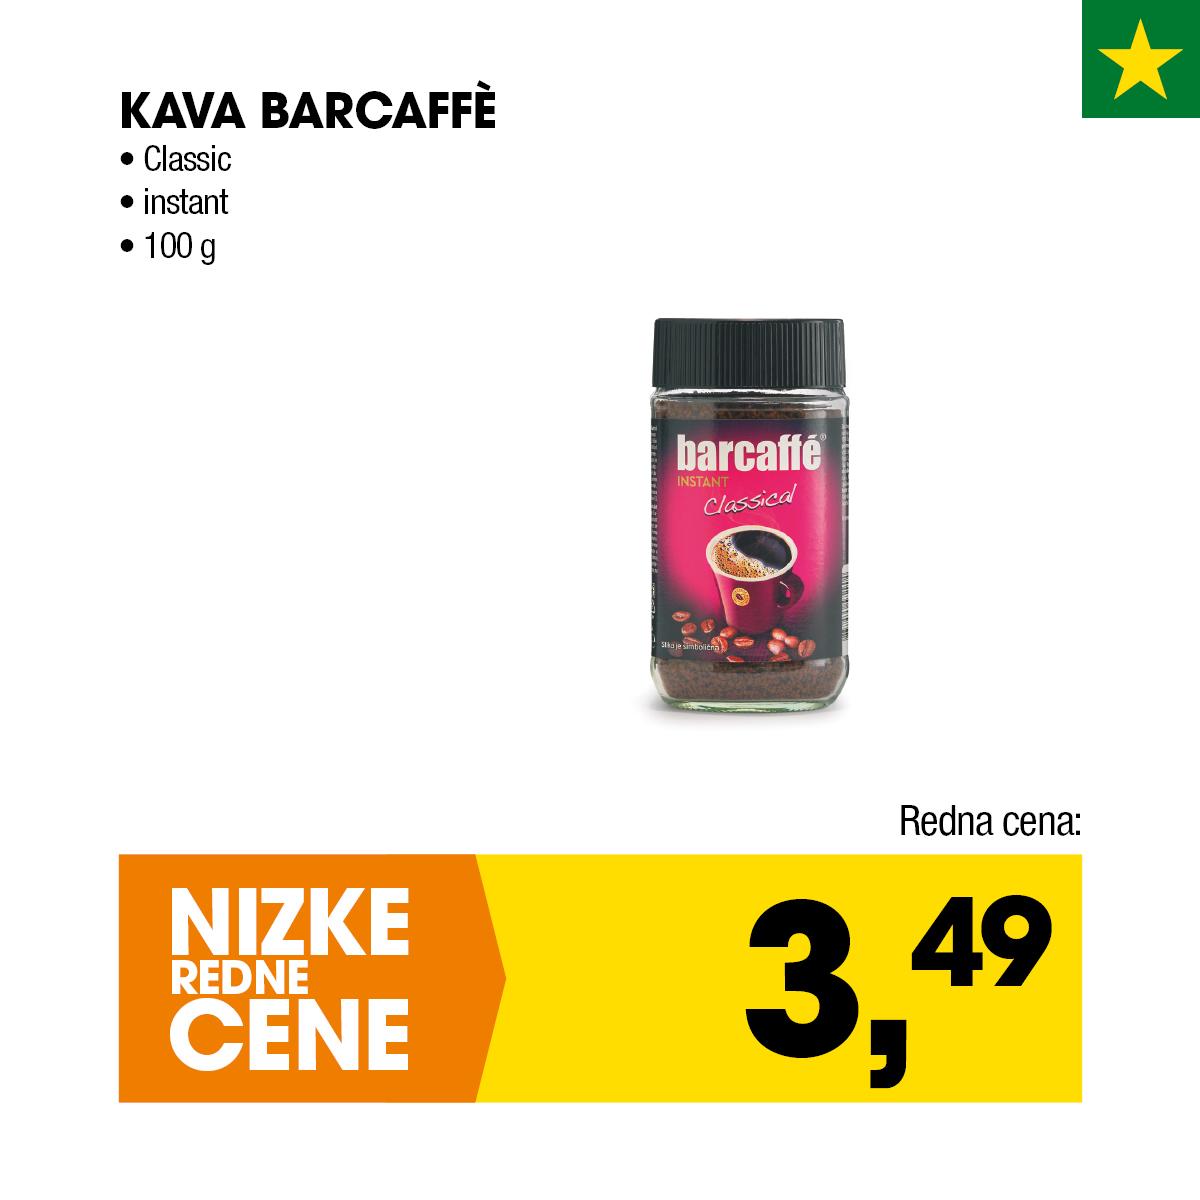 Nizke cene - Kava Barcaffe